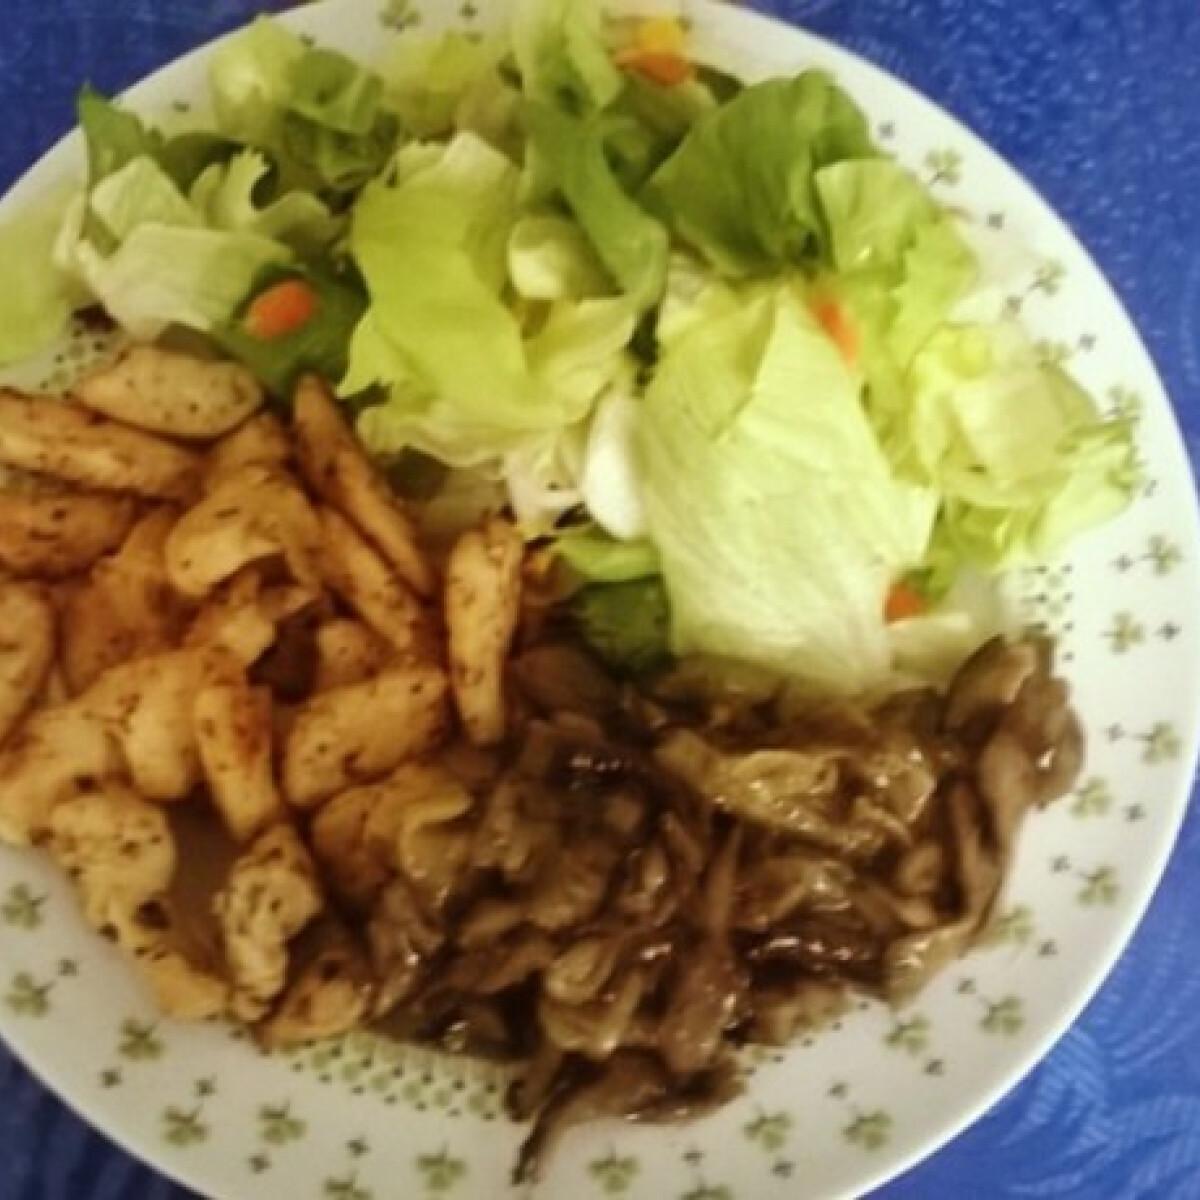 Ezen a képen: Fűszeres csirkemellcsíkok párolt gombával salátaágyon